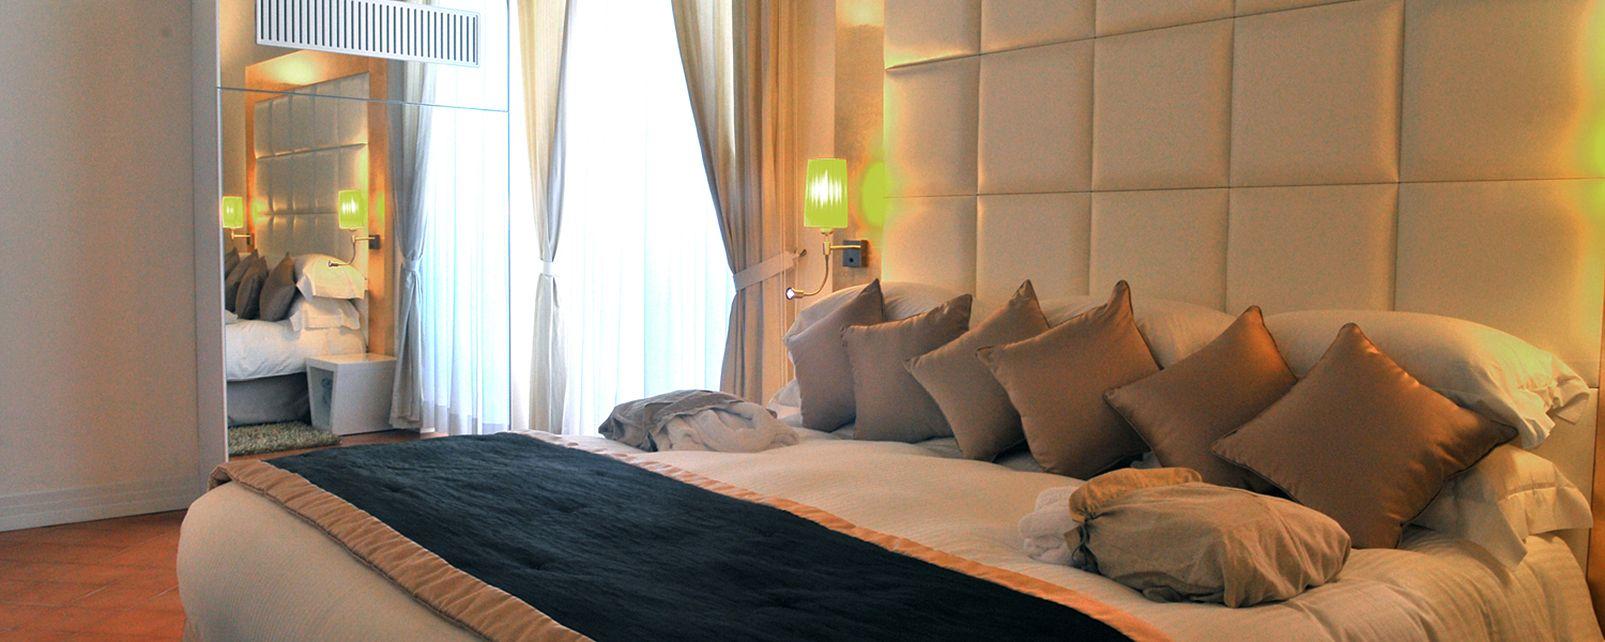 Hotel Palazzo Caracciolo